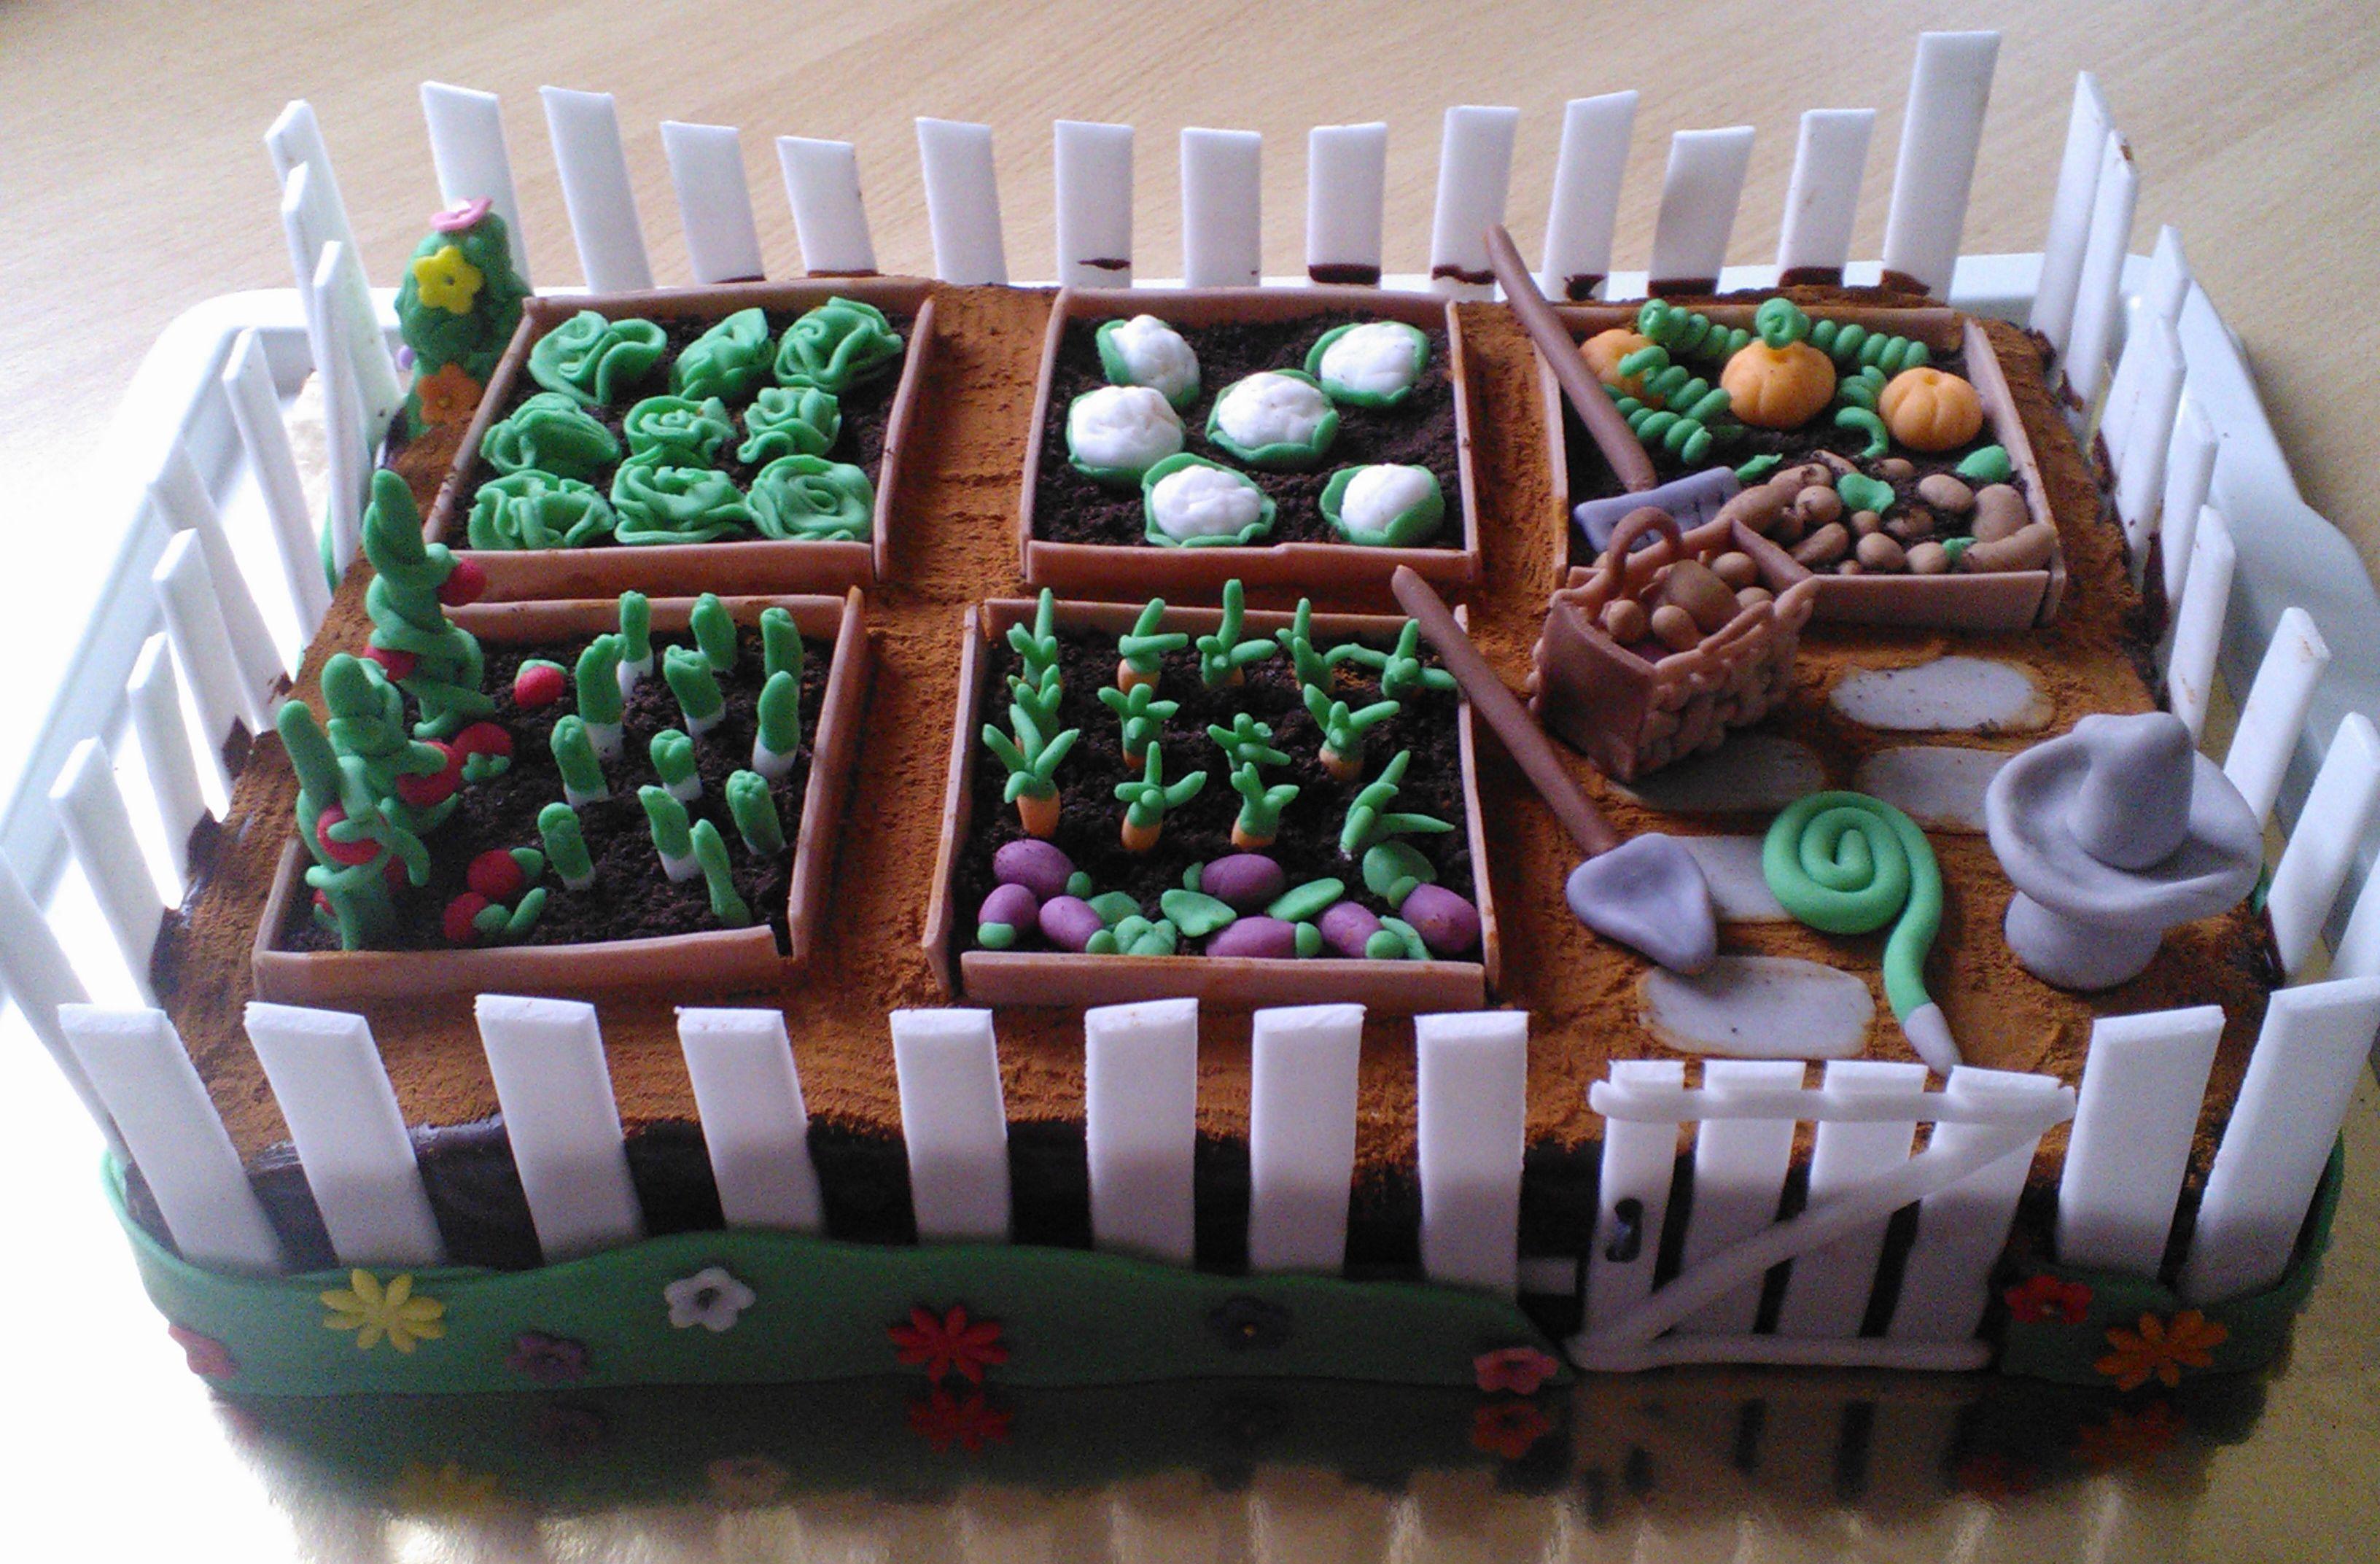 Zelenjavni vrt / Vegetable garden cake (With images ...